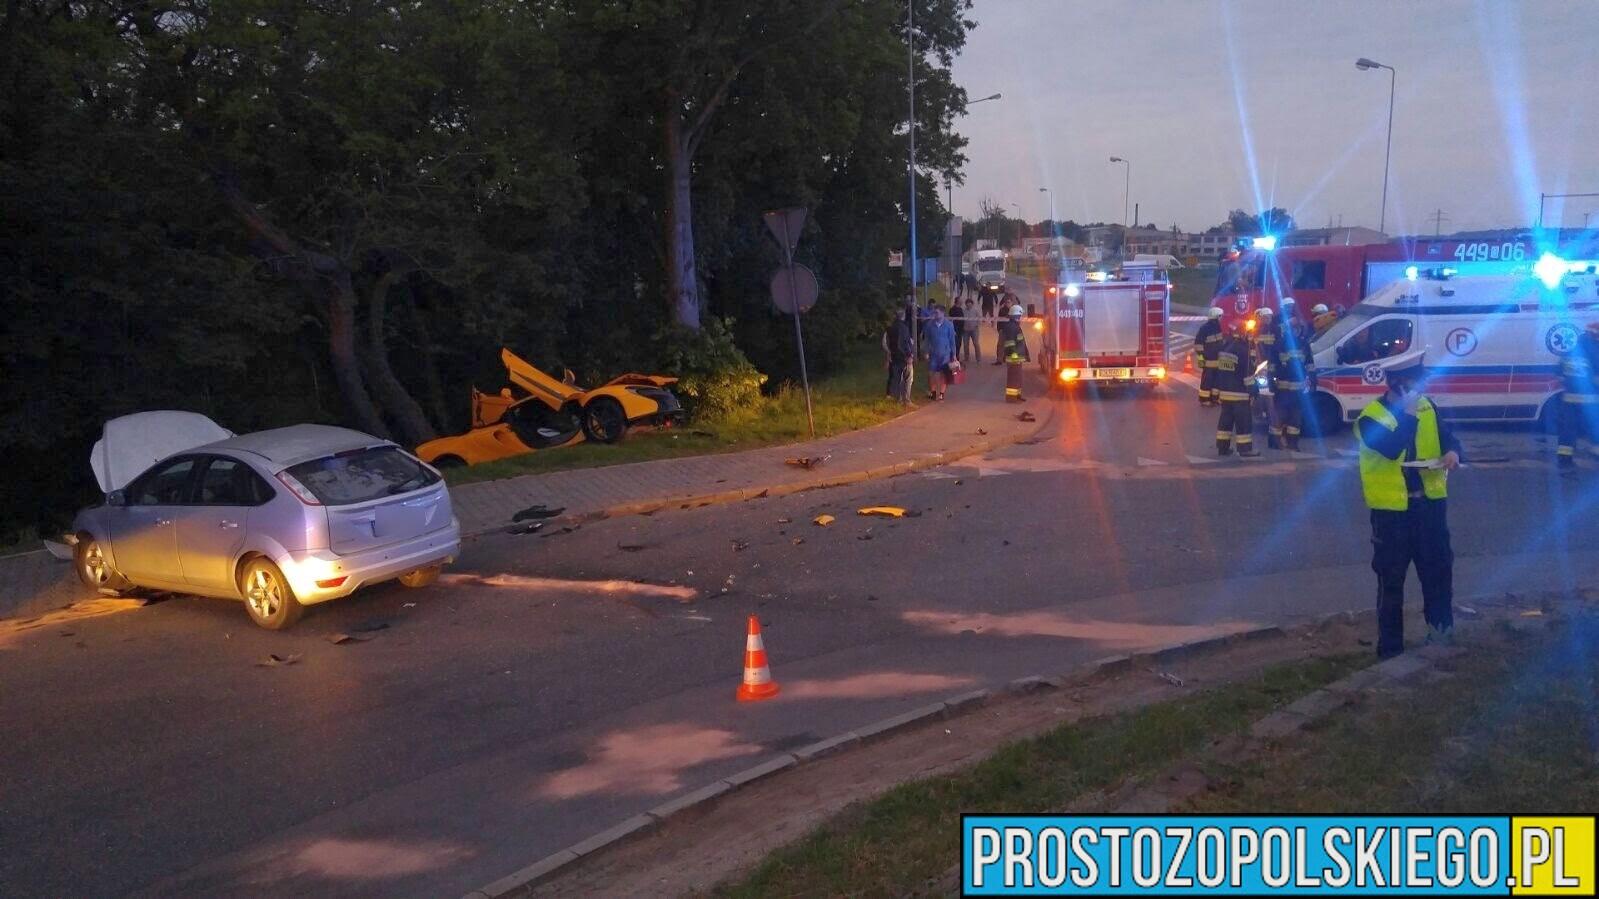 29-latek rozbił Mclarena w Krapkowicach .Sąd umorzył postępowanie.